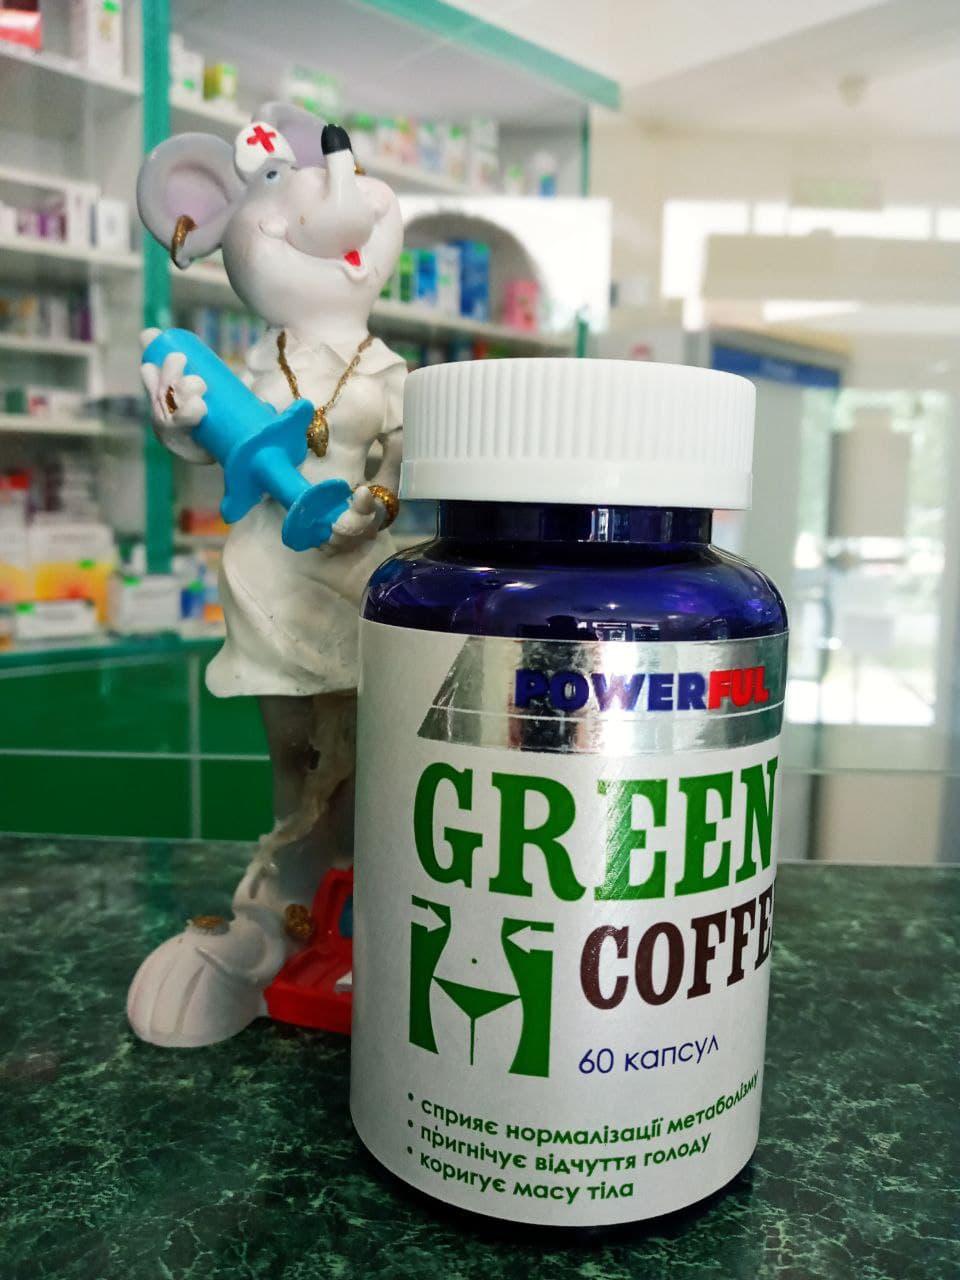 БАД Зеленый кофе для ускорения метаболизма в программах похудения и поддержании энергии организма